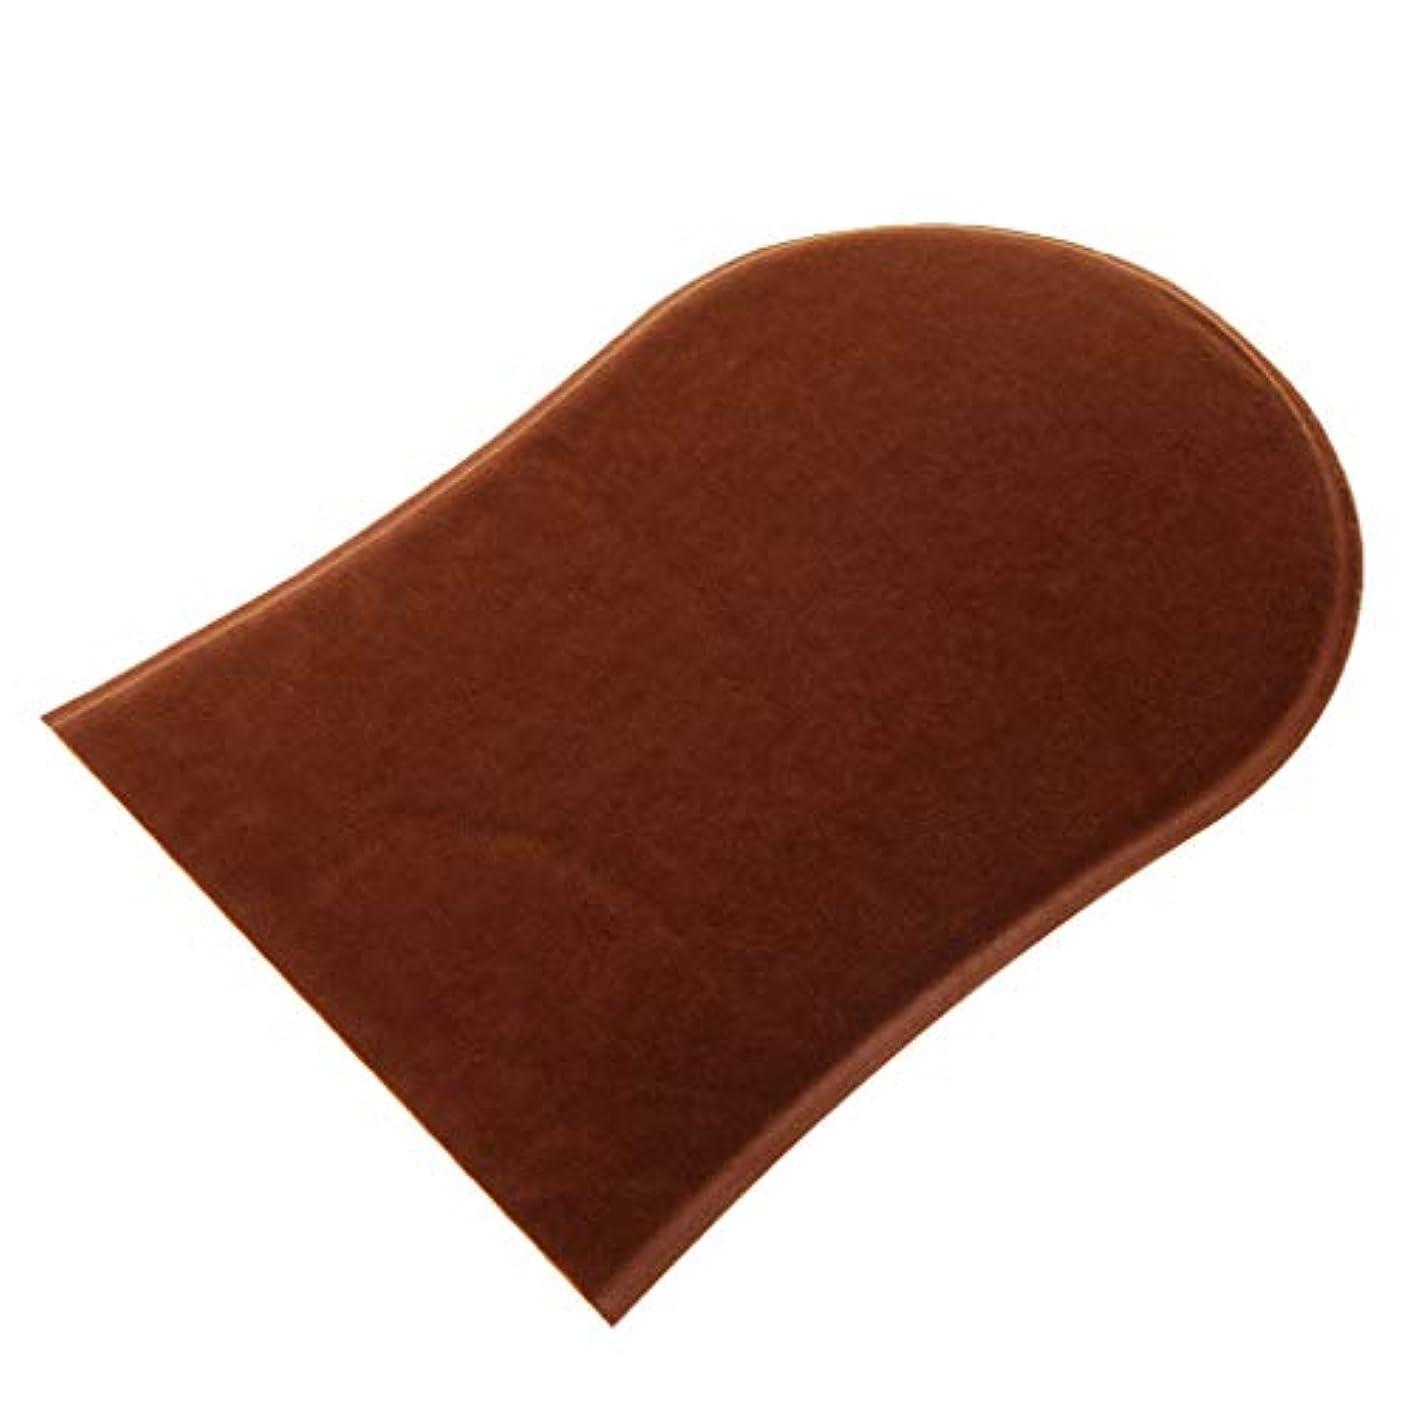 妻消す精神的にSharplace 手袋 グローブ ハンドケア セルフタンニング 防水 再利用可能 両面 約19*12cm